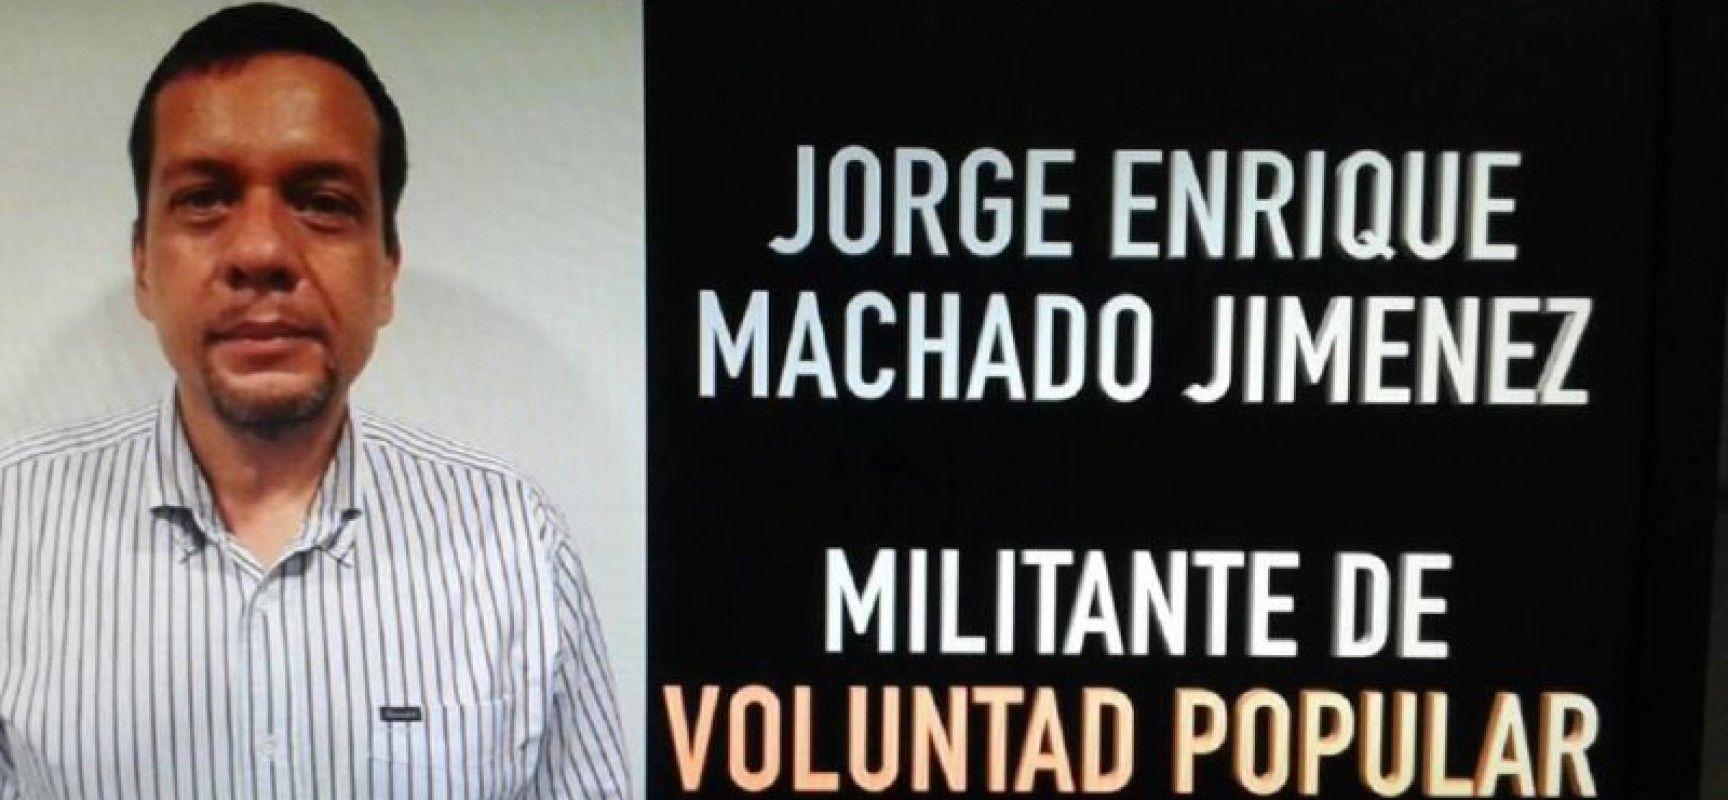 Venezuela Des mercenaires terroristes à l'œuvre, comme